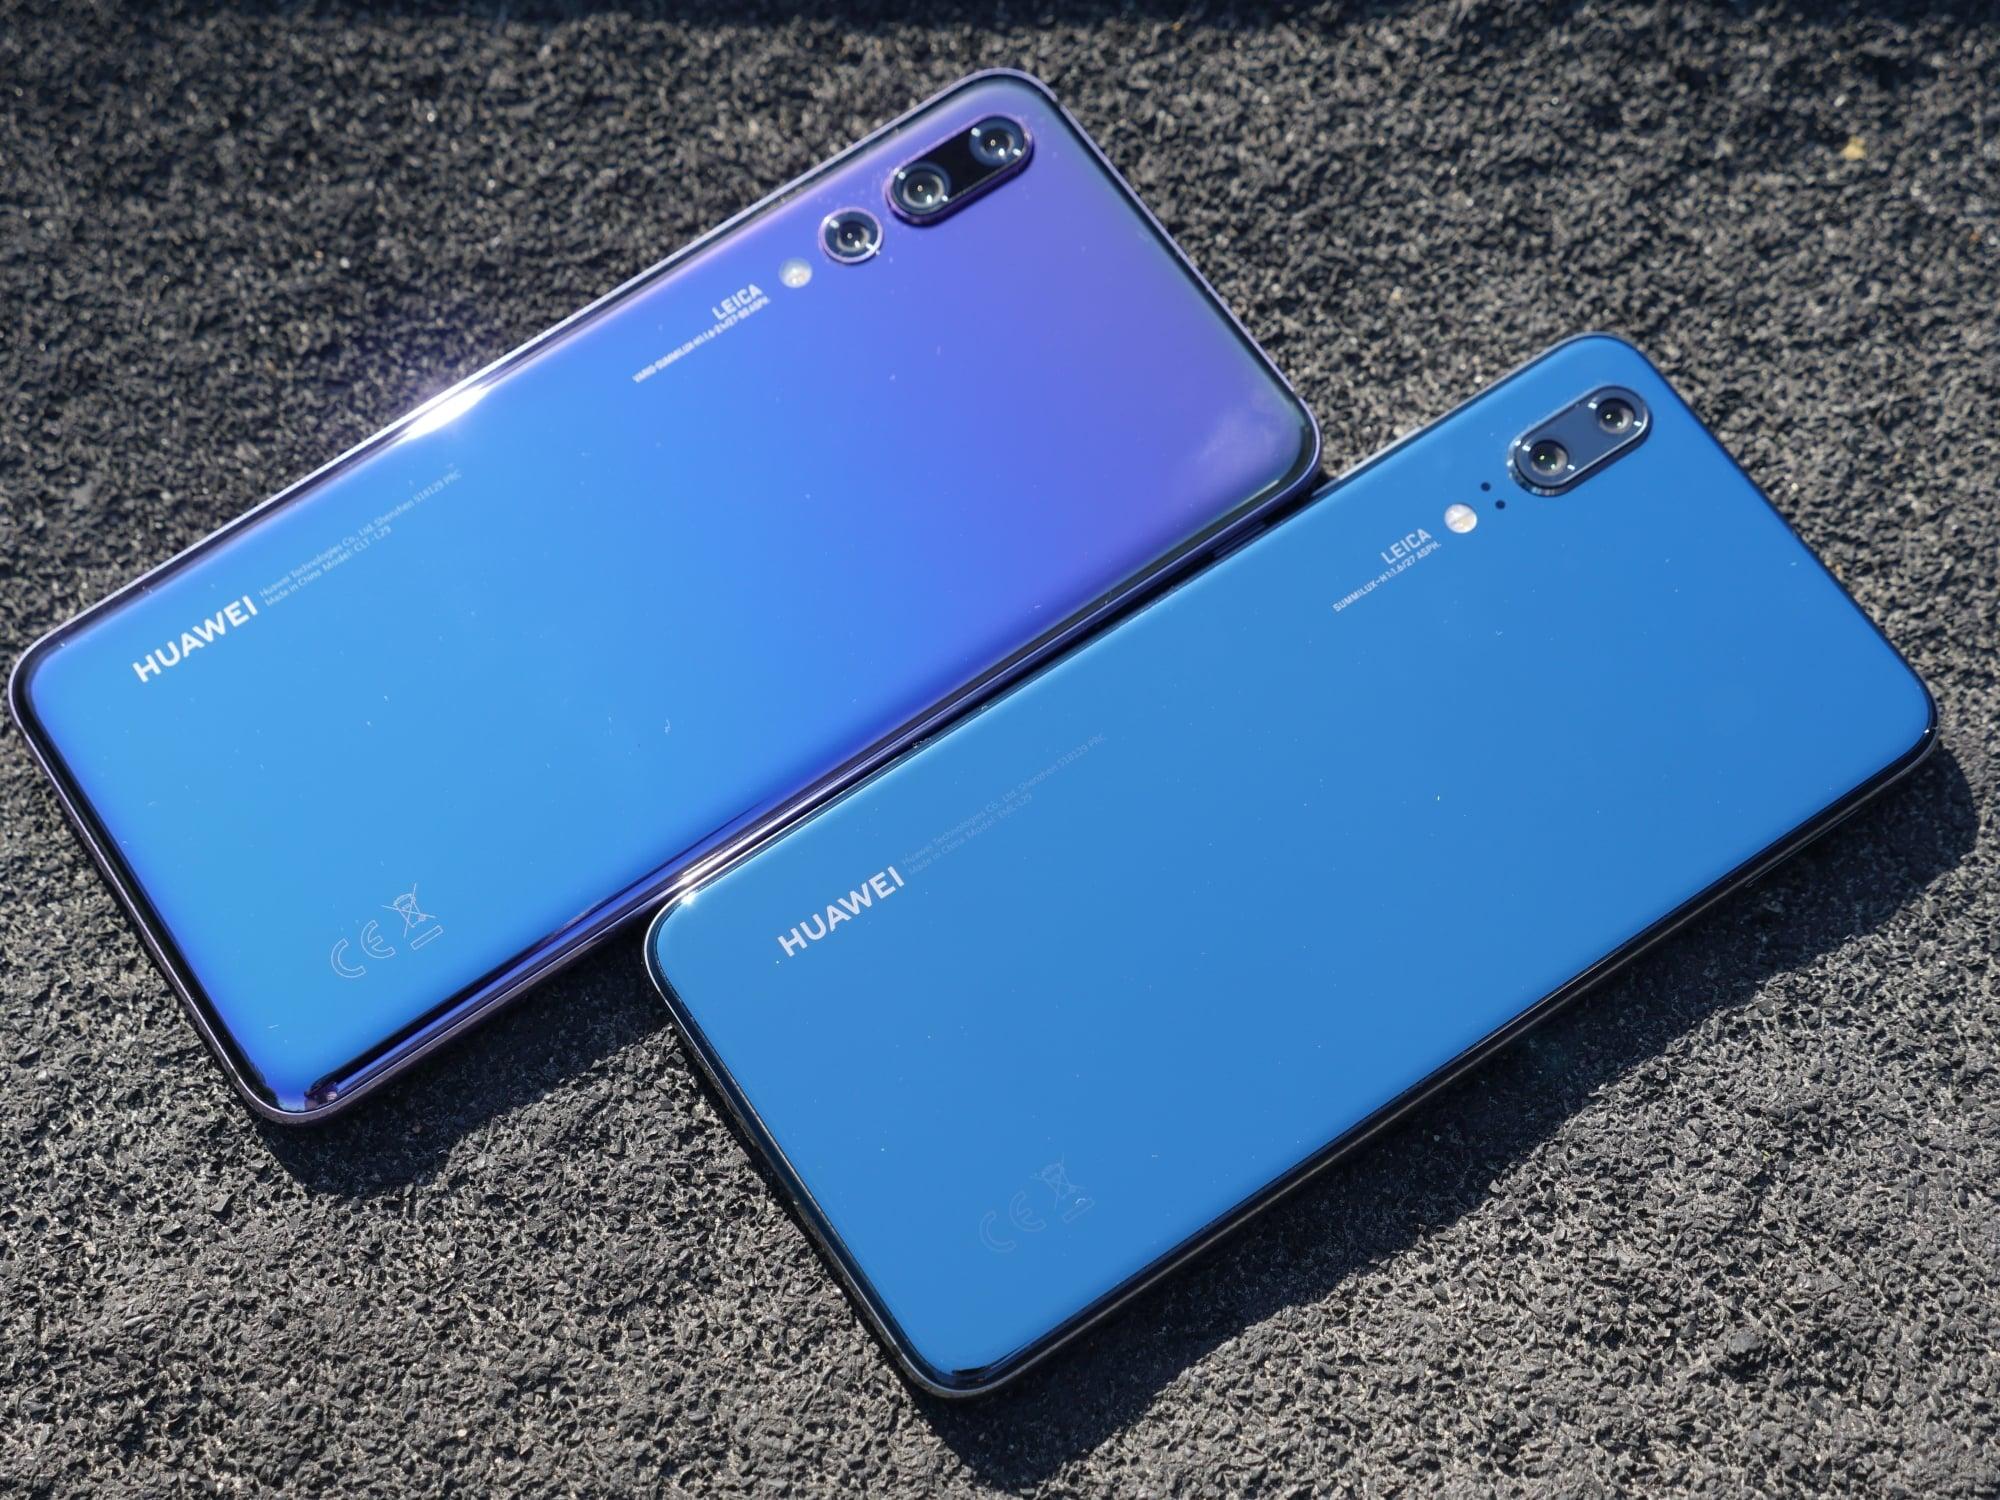 Tabletowo.pl Recenzja Huawei P20 i porównanie do P20 Pro - jak dużą różnicę czuć w sprzęcie, który dzieli 900 złotych? Android Huawei Porównania Recenzje Smartfony